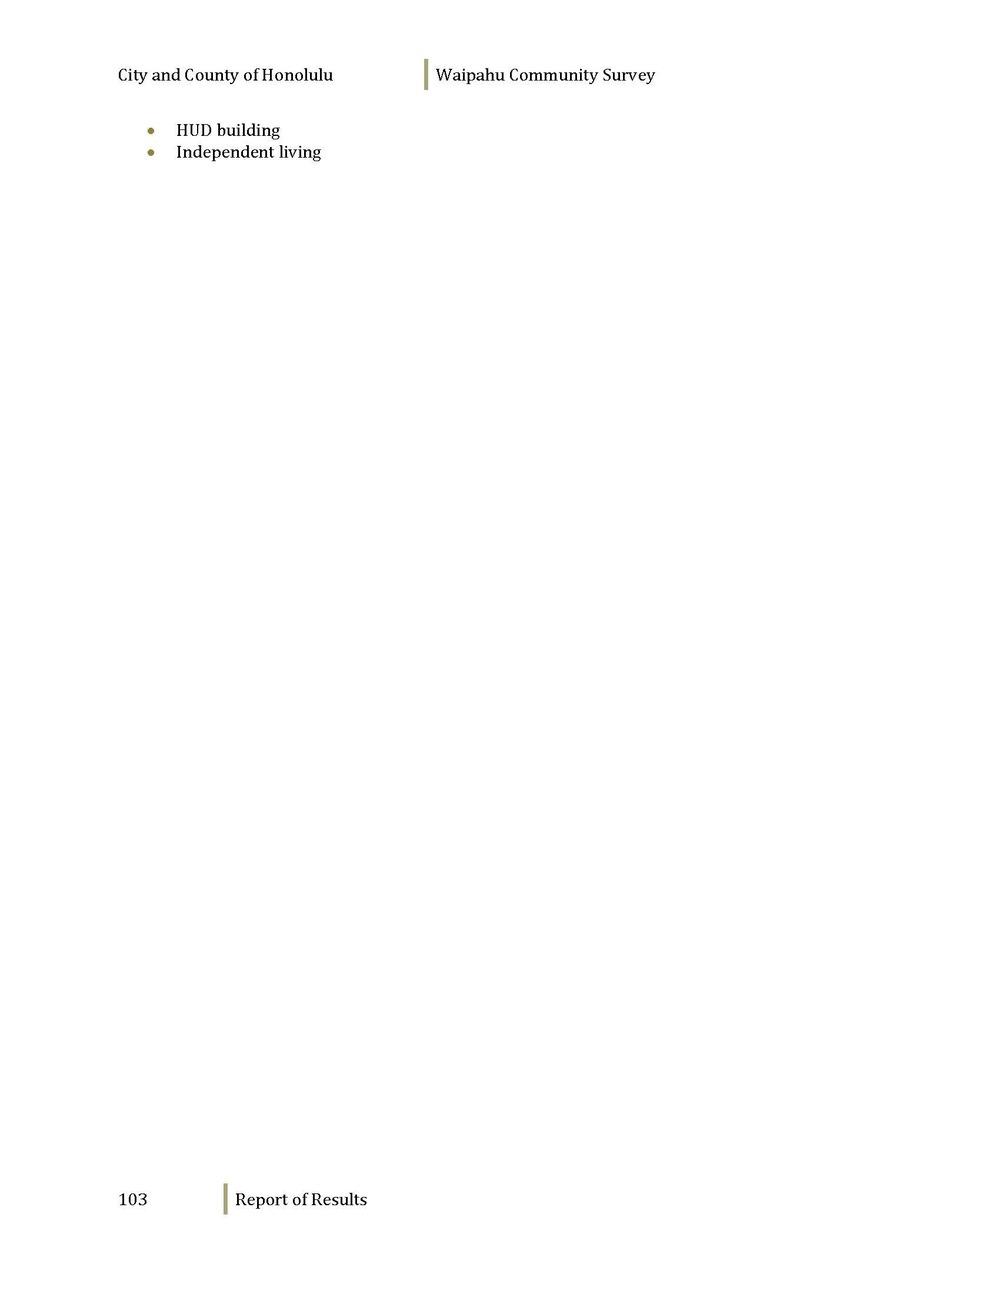 160608_WaipahuCommunitySurvey_Dec2012_Page_105.jpg